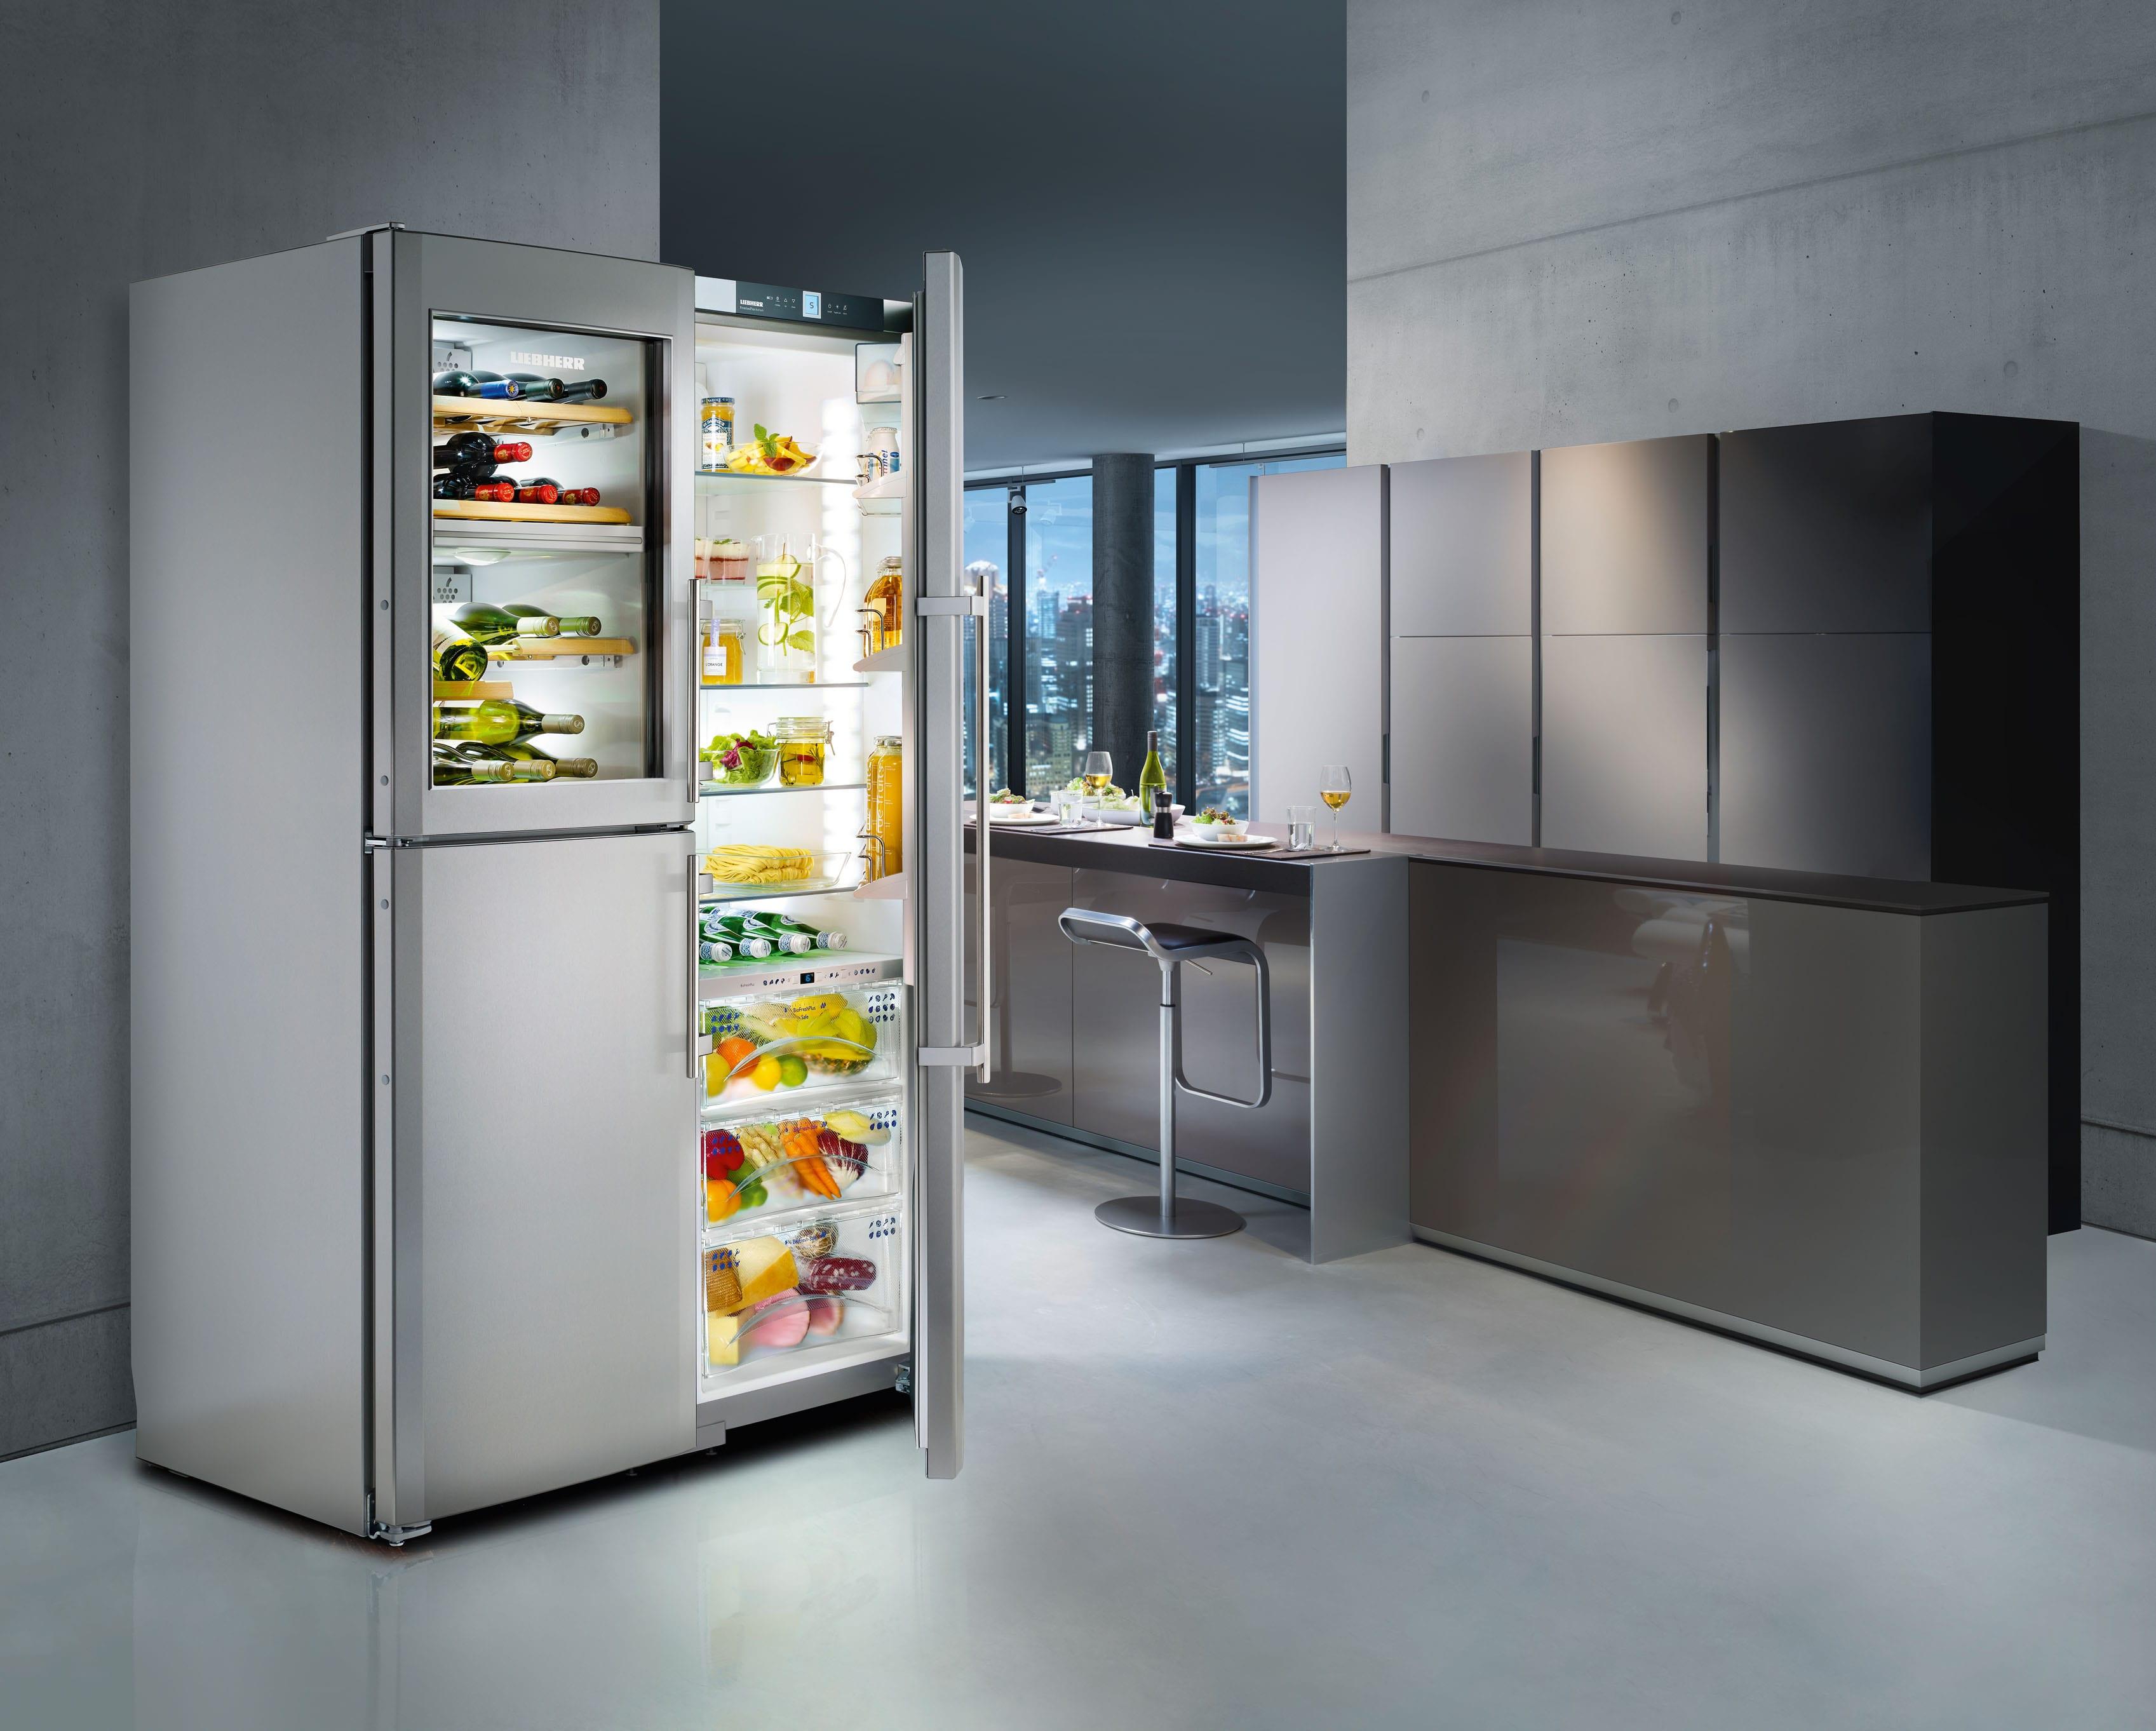 Side By Side Kühlschrank Integriert : Side by side kombination: das sind die vorteile freshmag liebherr